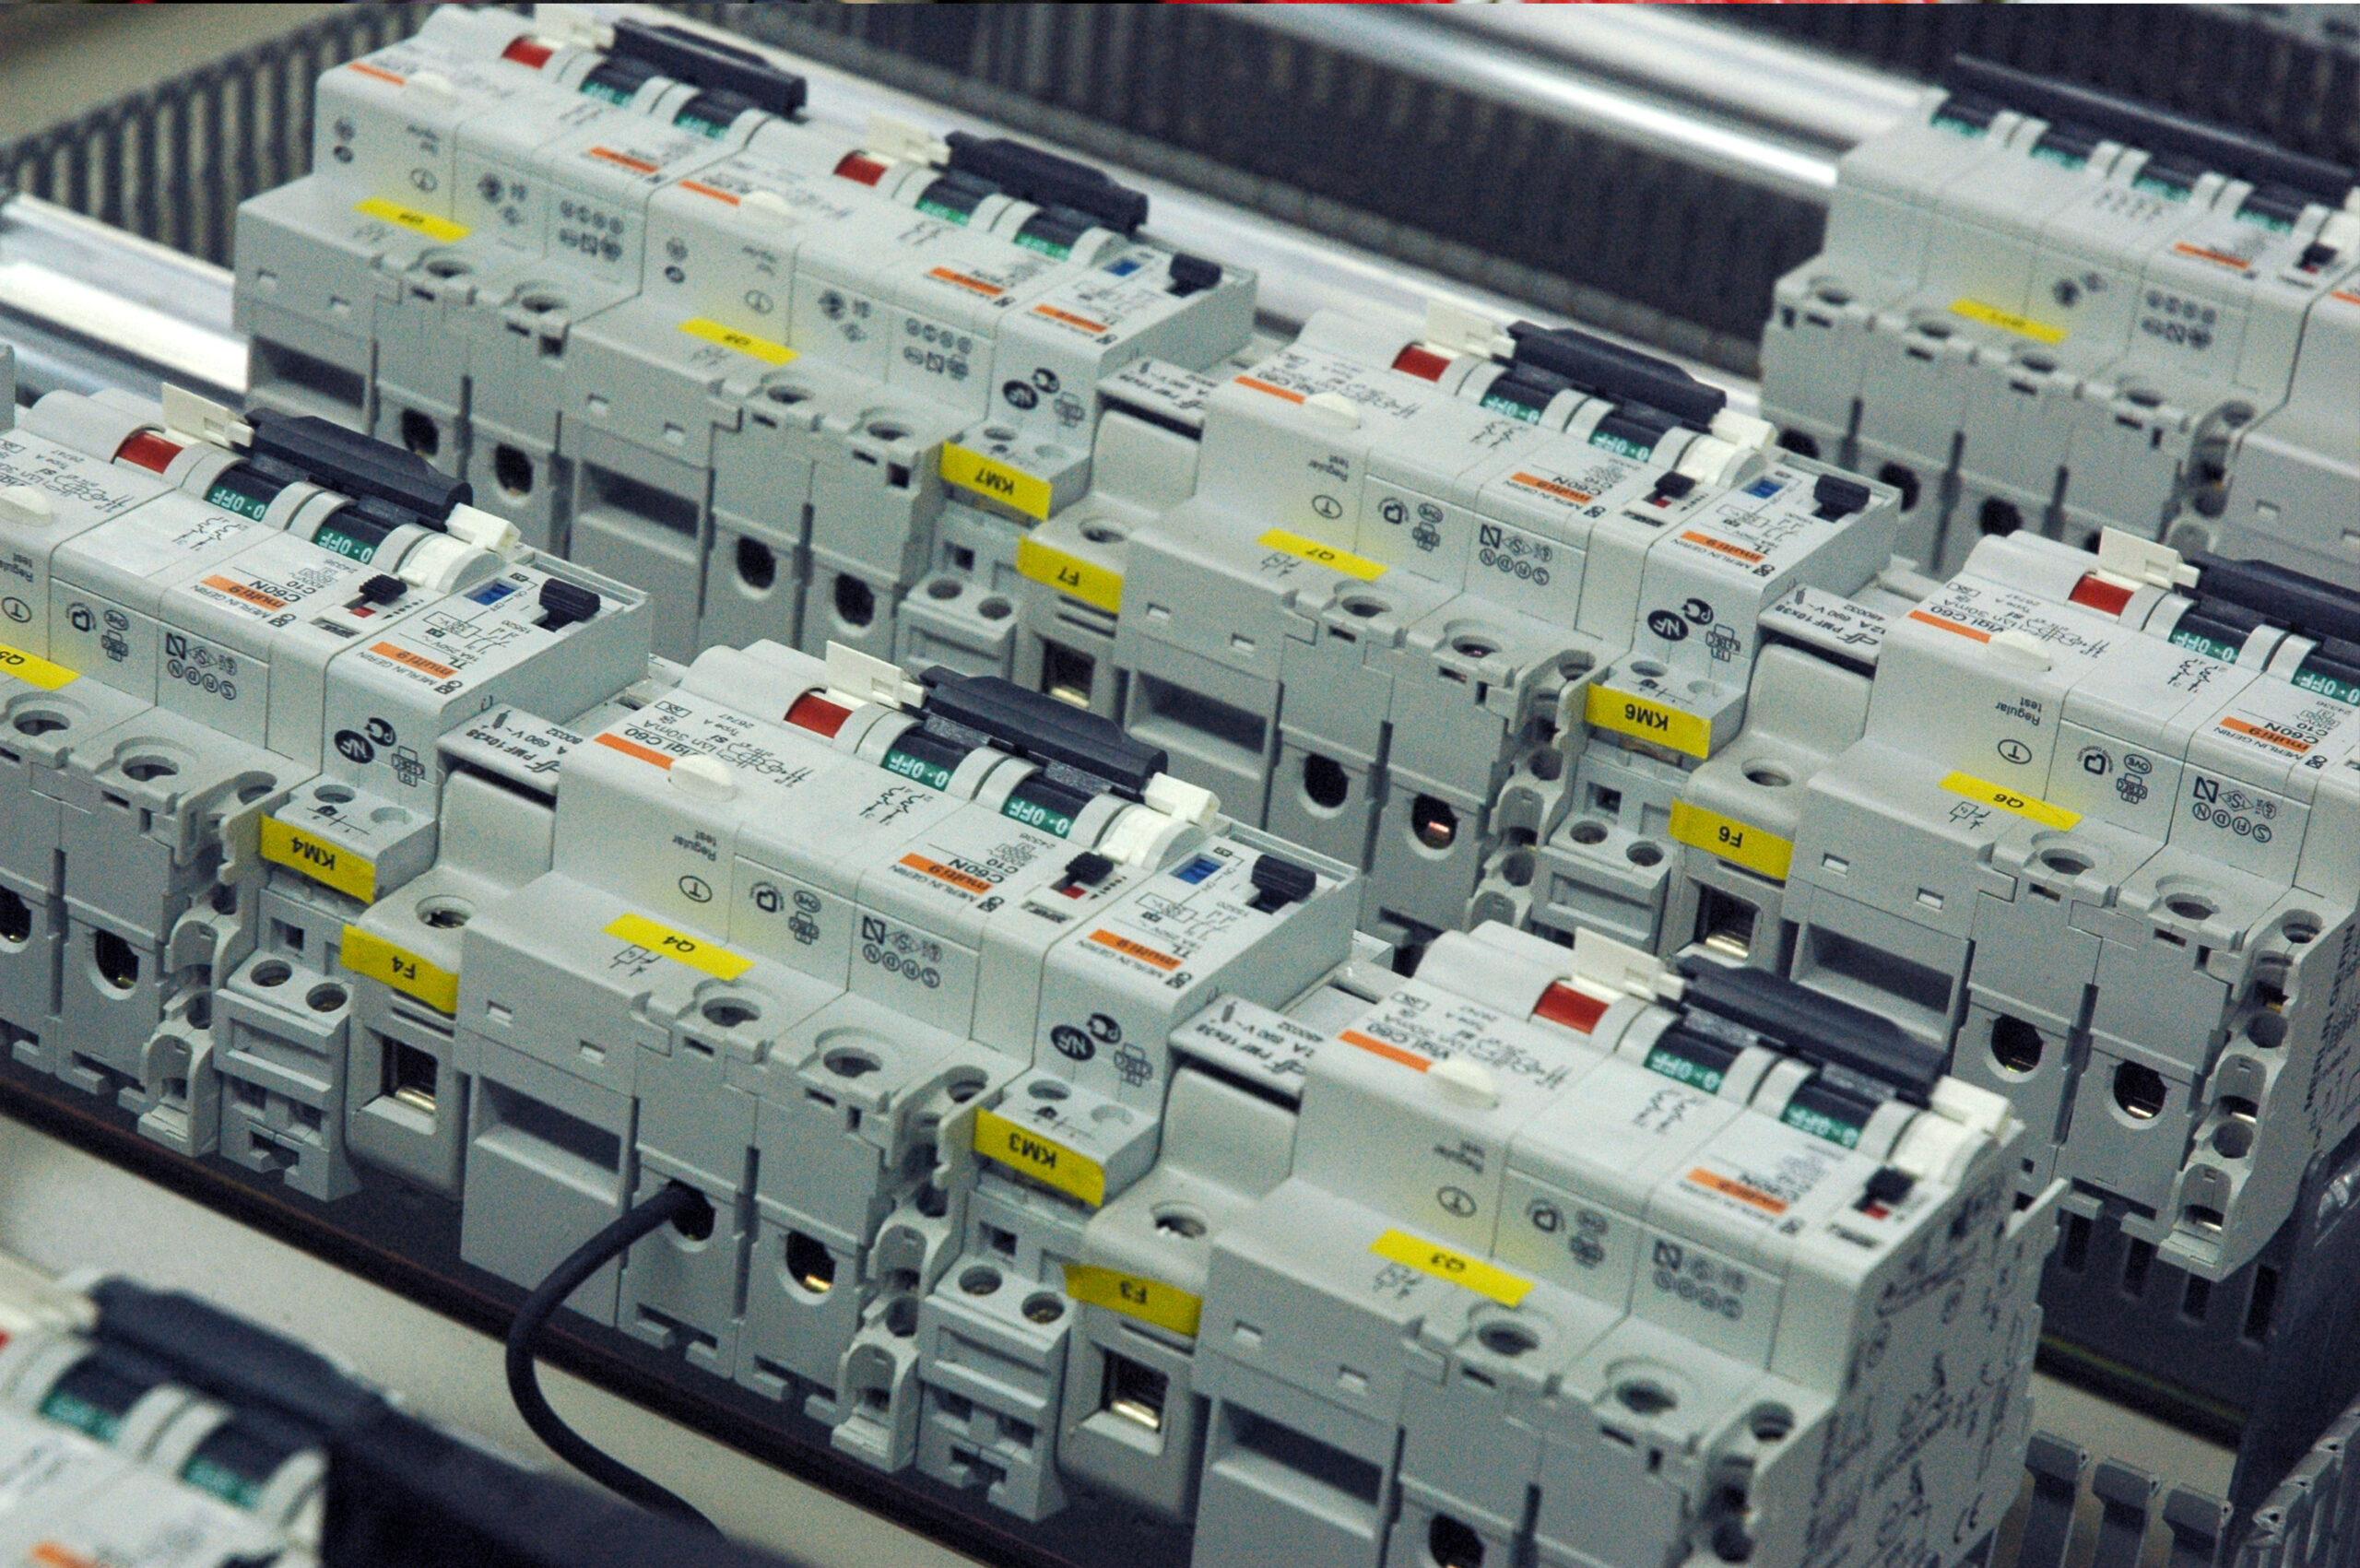 Muntatges elèctrics